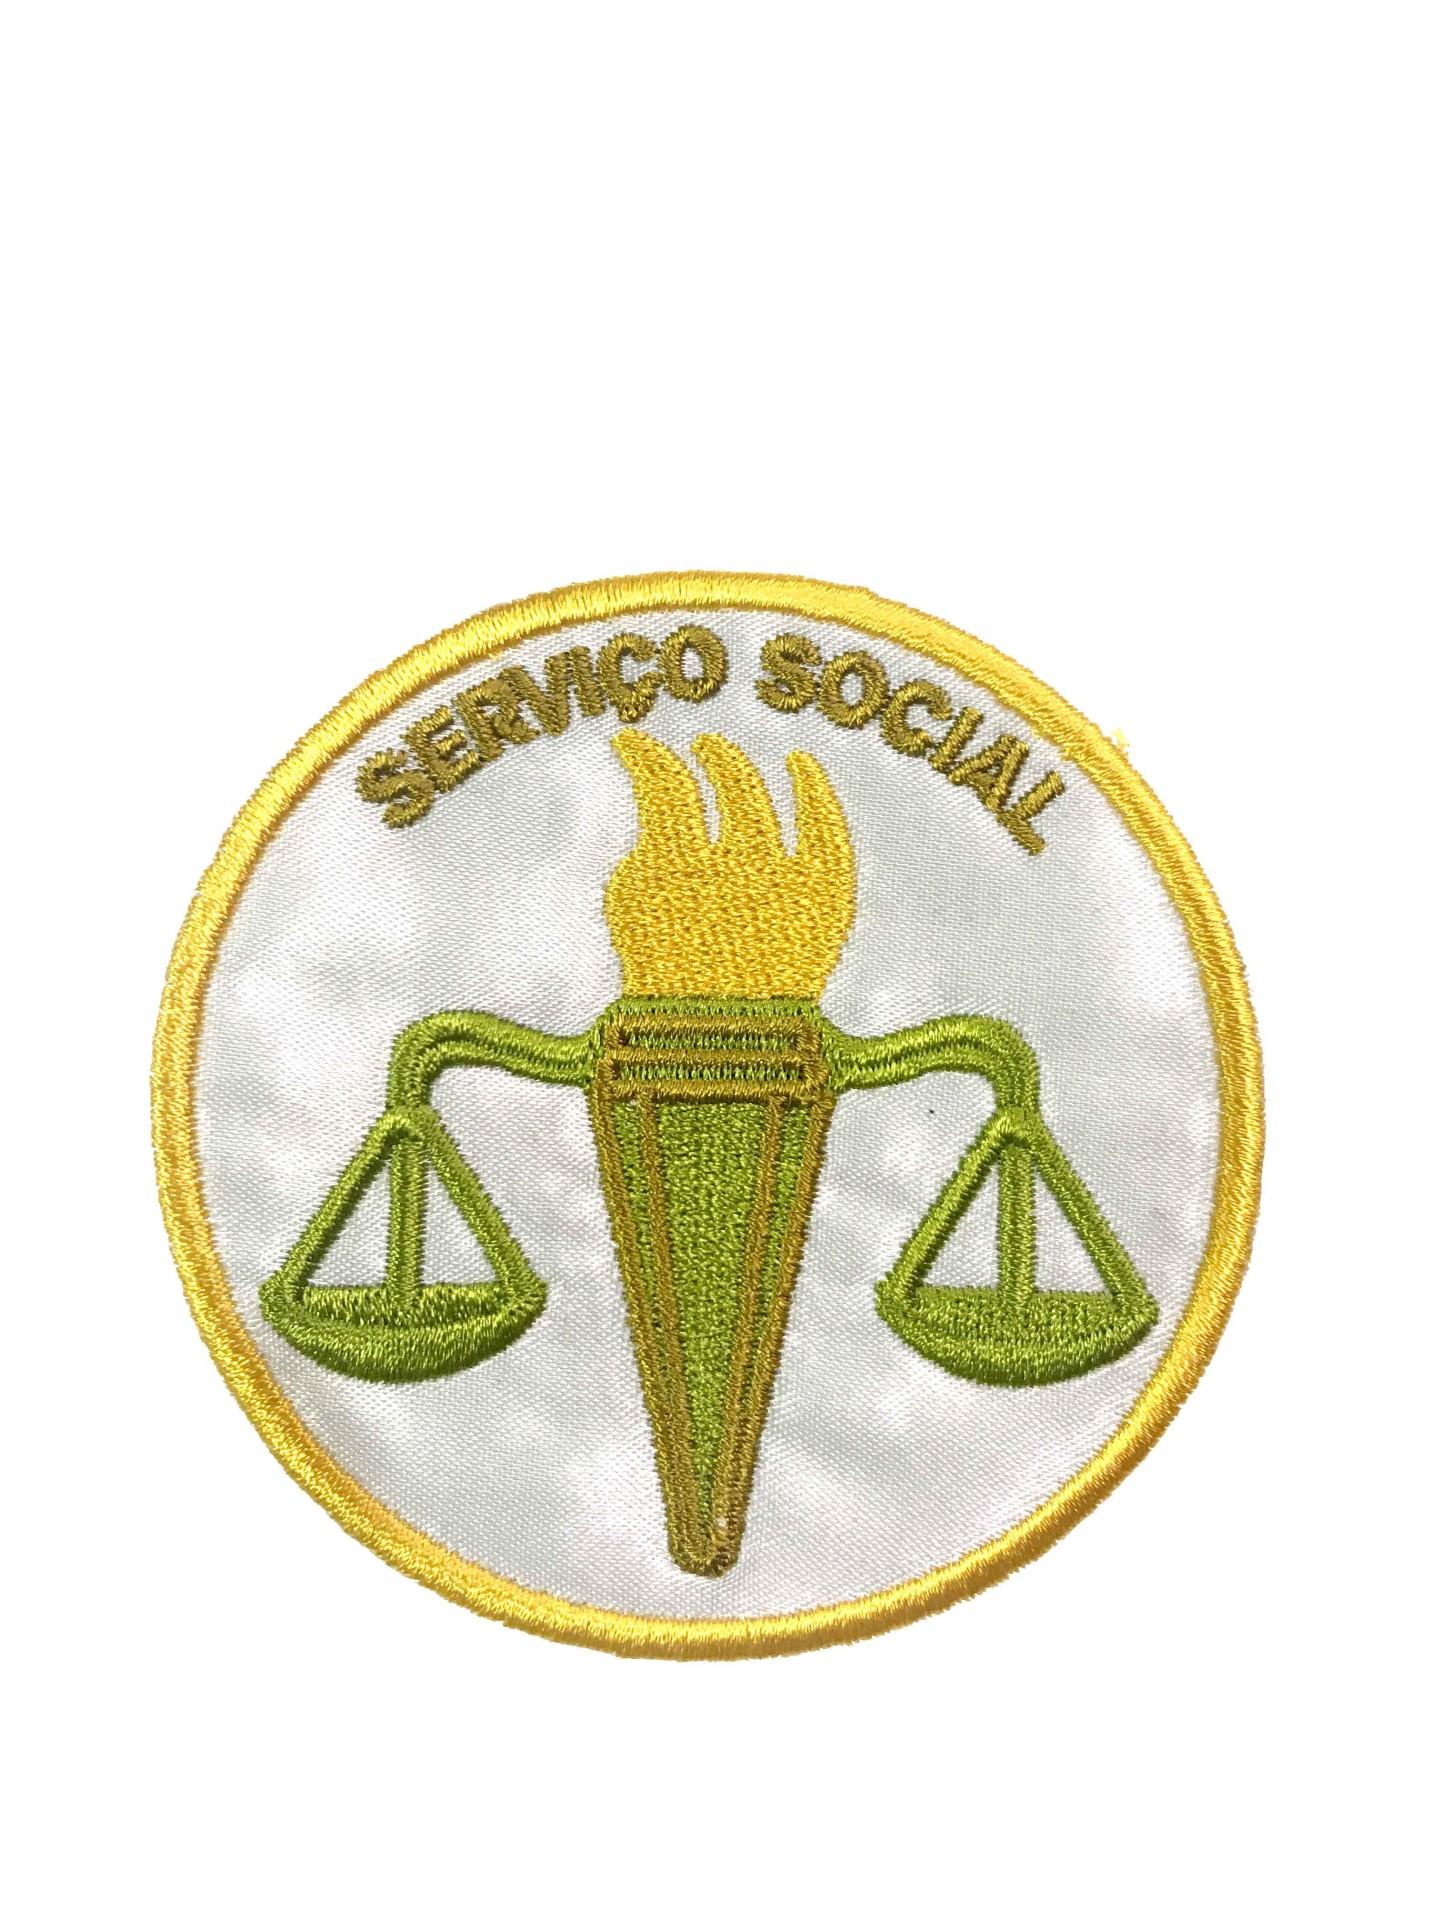 Emblema Serviço Social